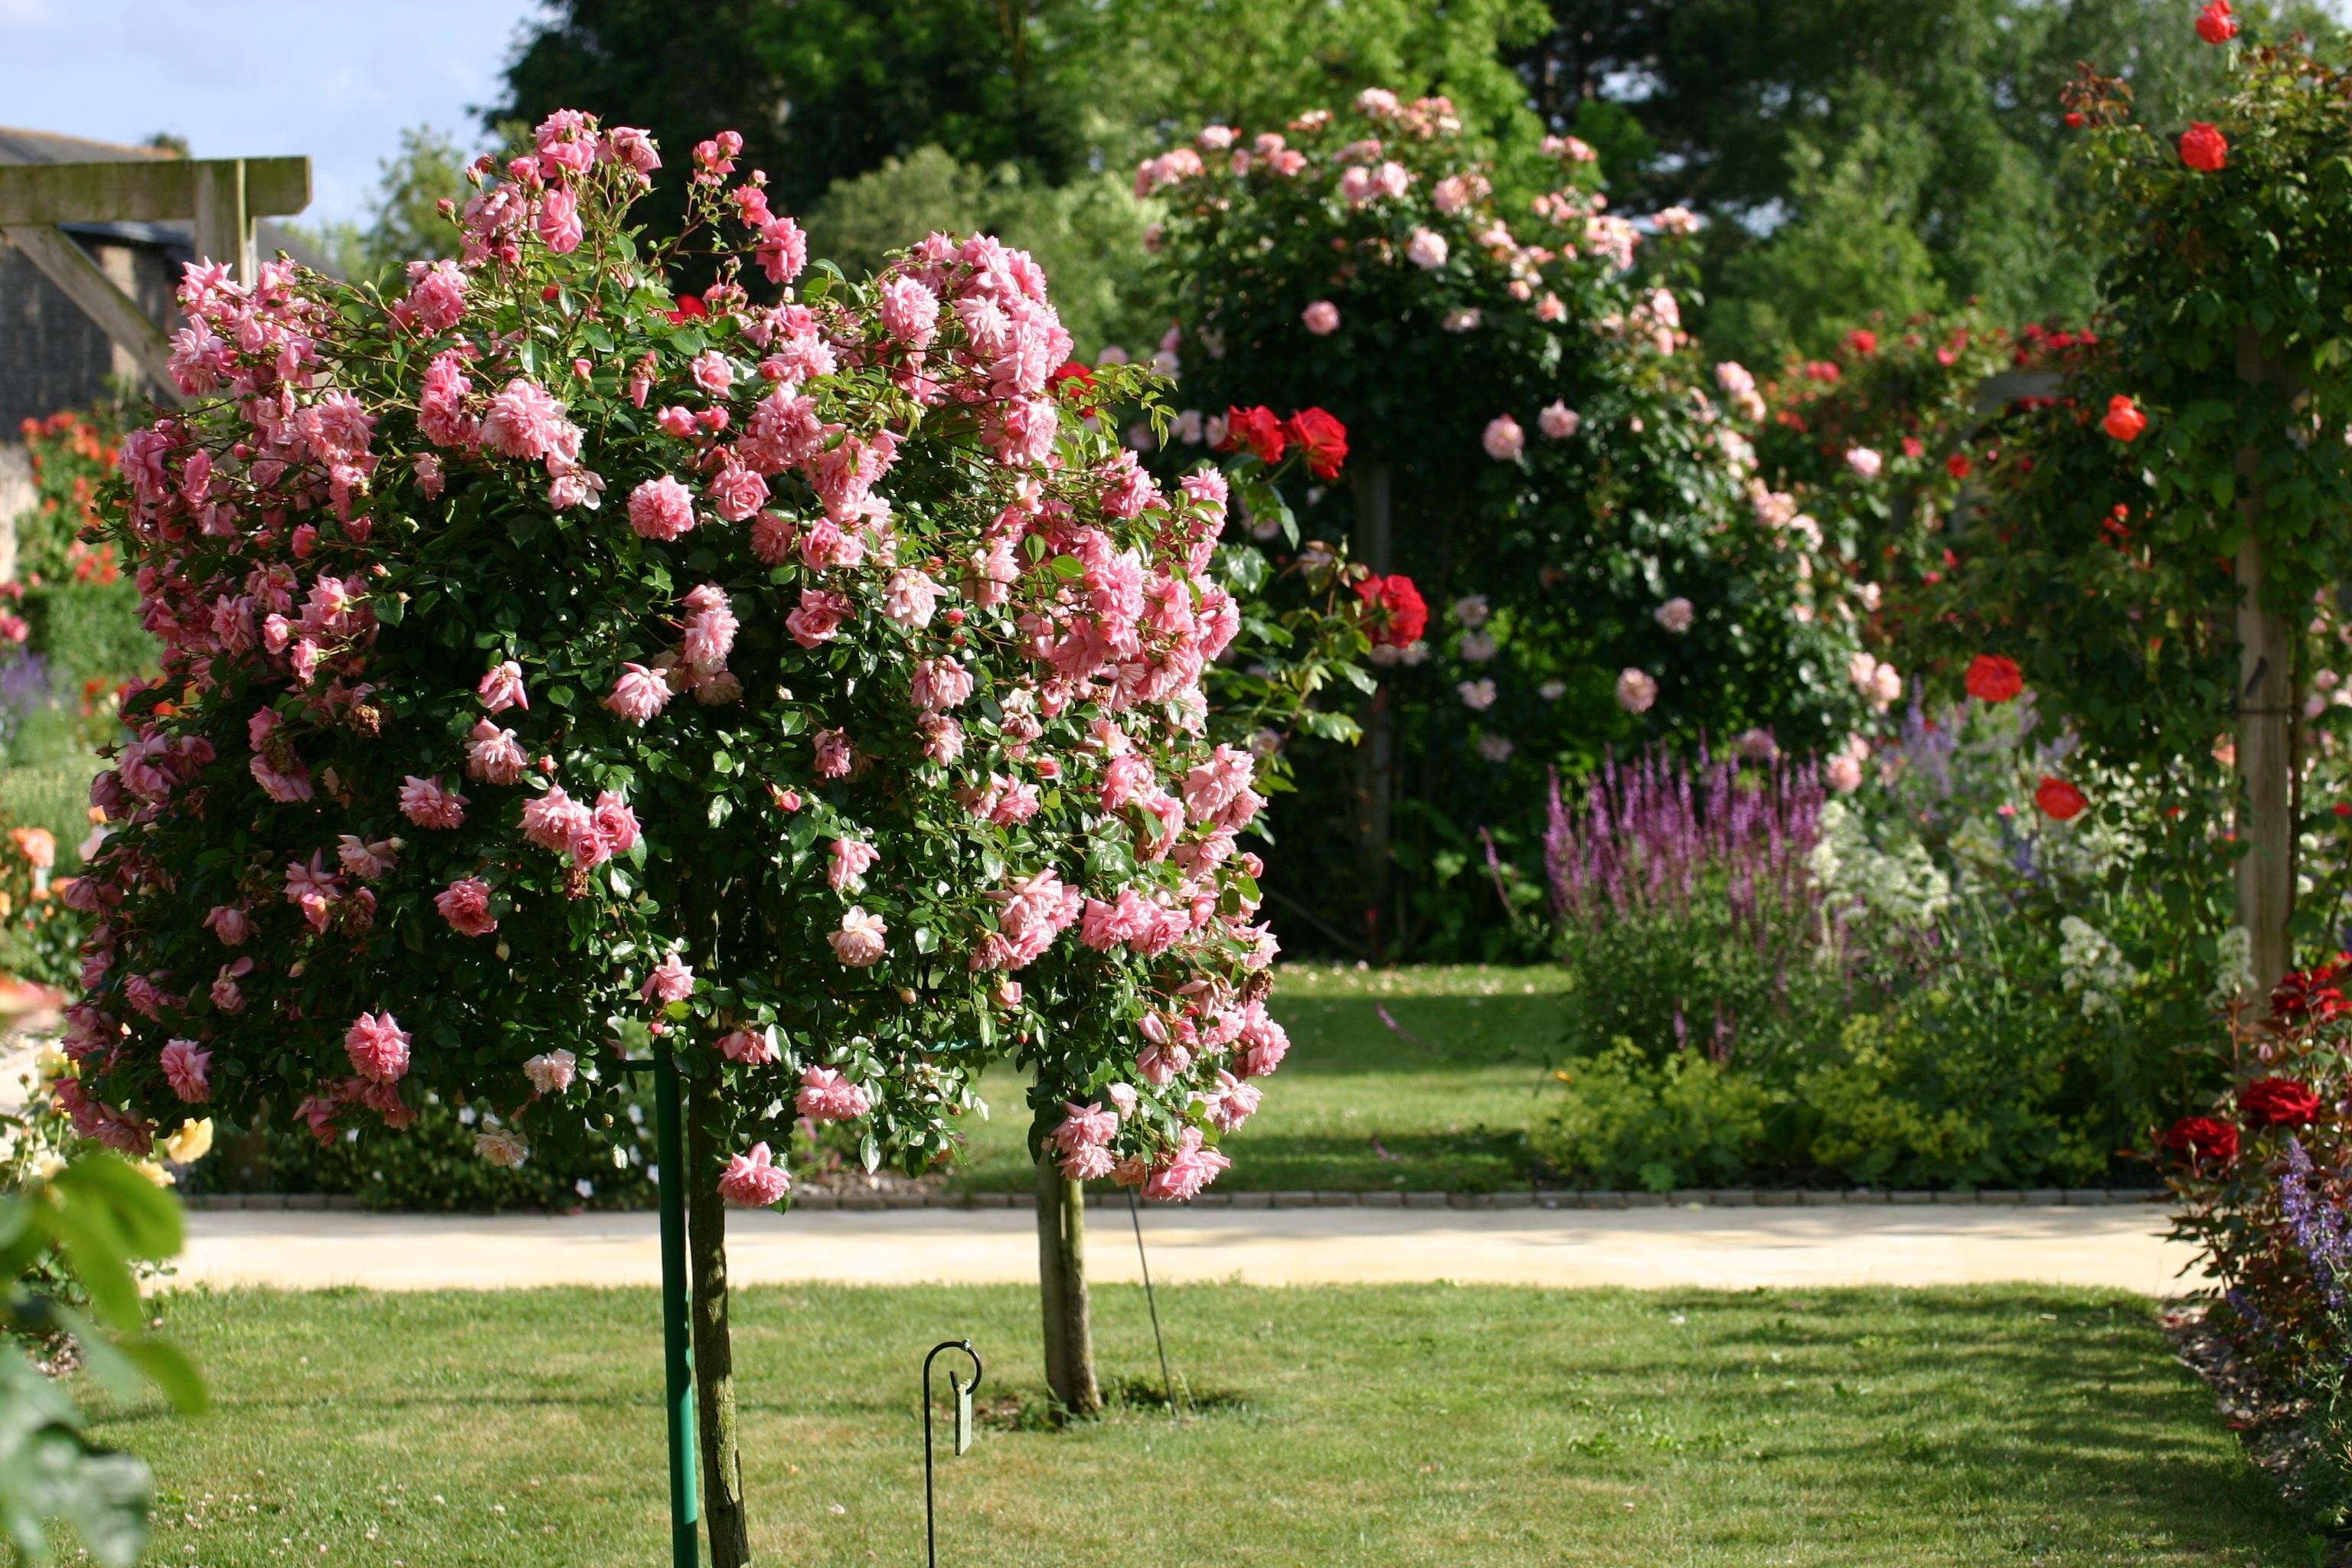 images gratuites : arbre, fleur, pelouse, été, arrière-cour